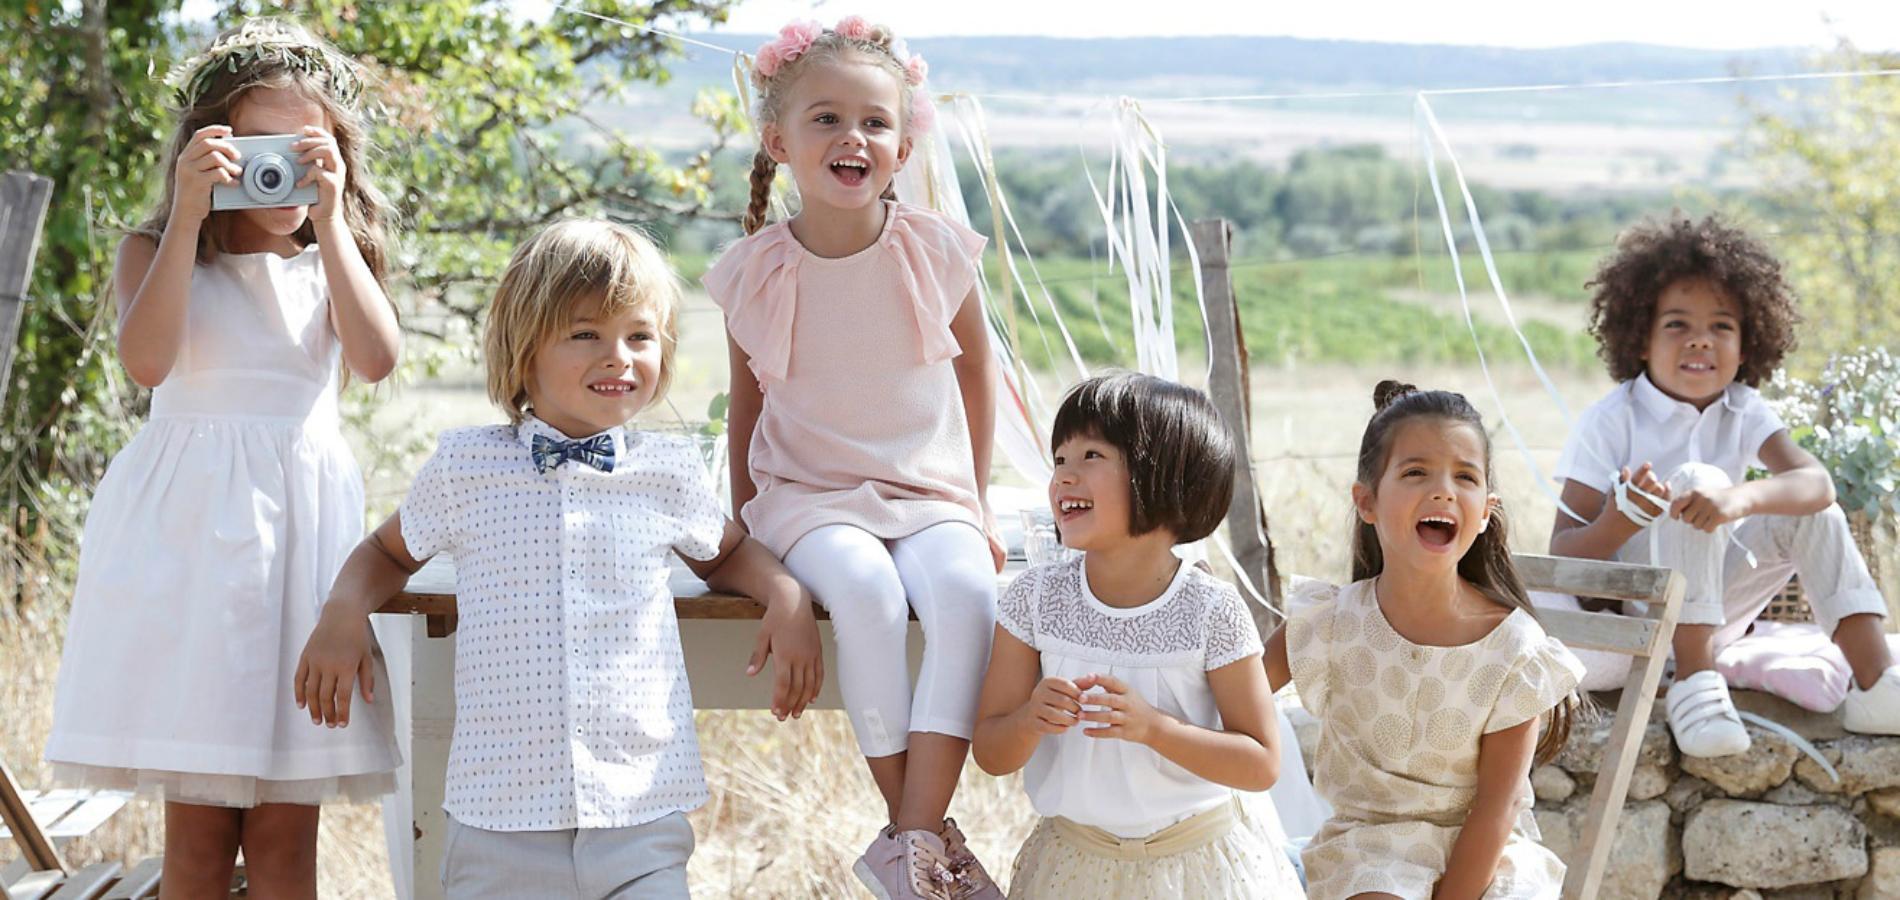 bf3ab51c08848 La saison des mariages 2018 arrive à grands pas. Il est alors temps de  trouver des vêtements de cérémonie pour nos enfants.